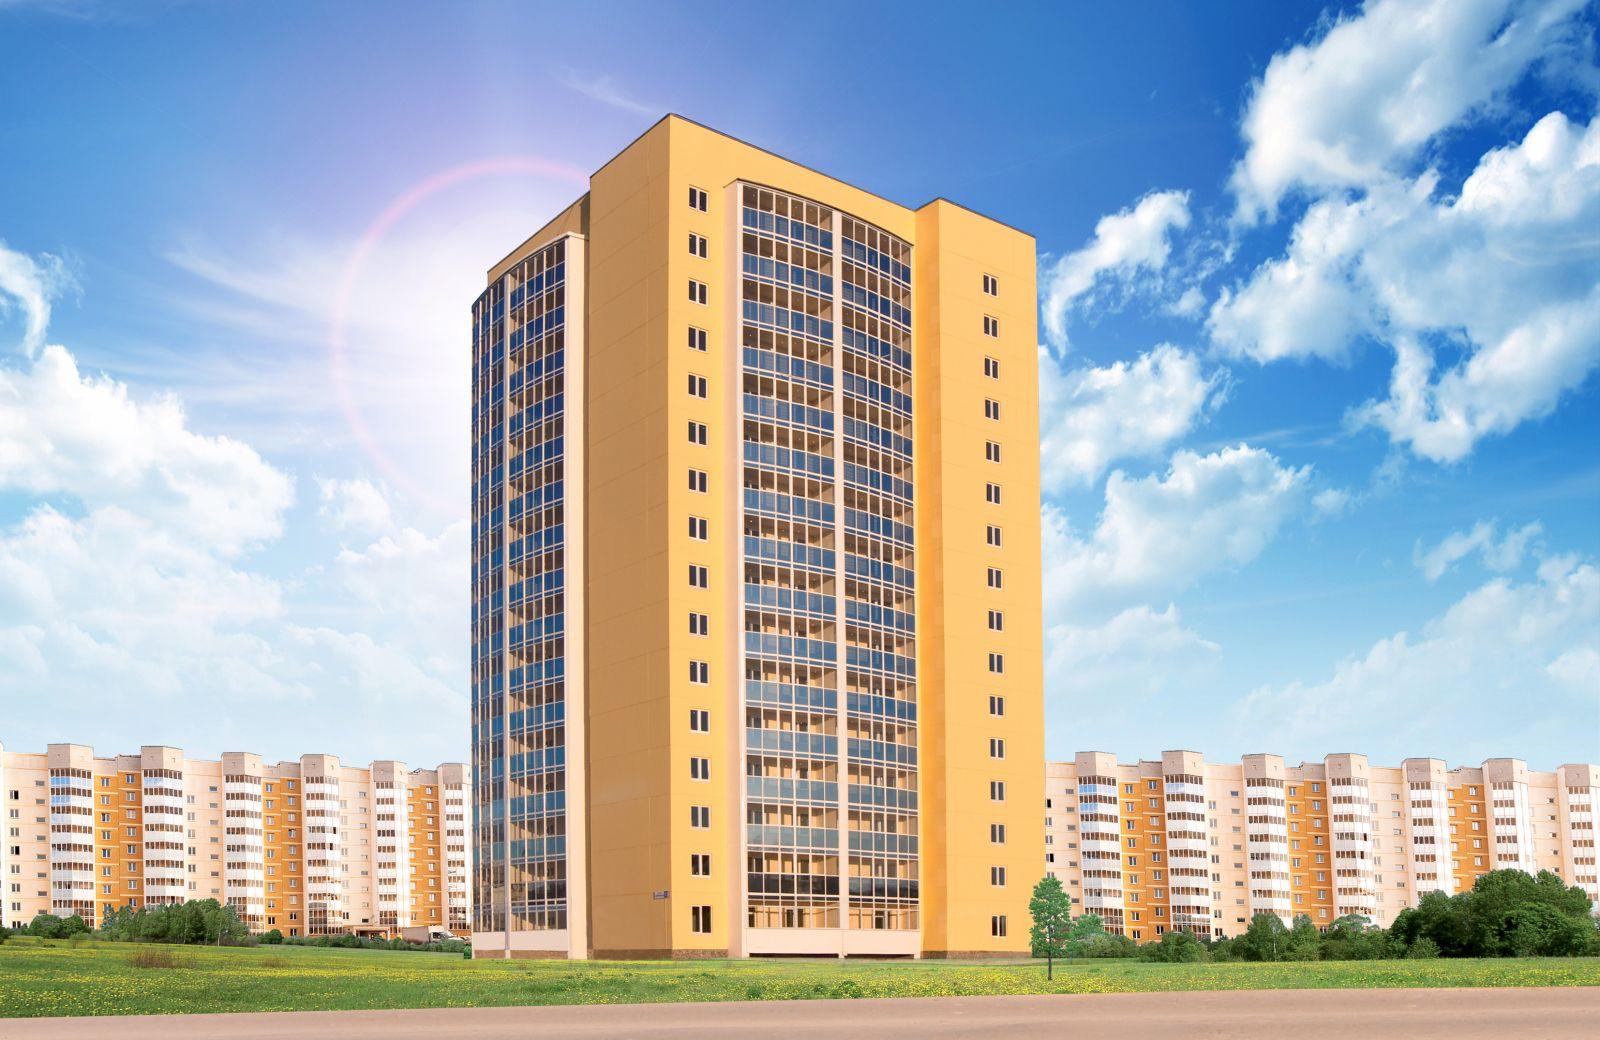 ЖК «ТРИУМФ»: 9 комфортабельных домов